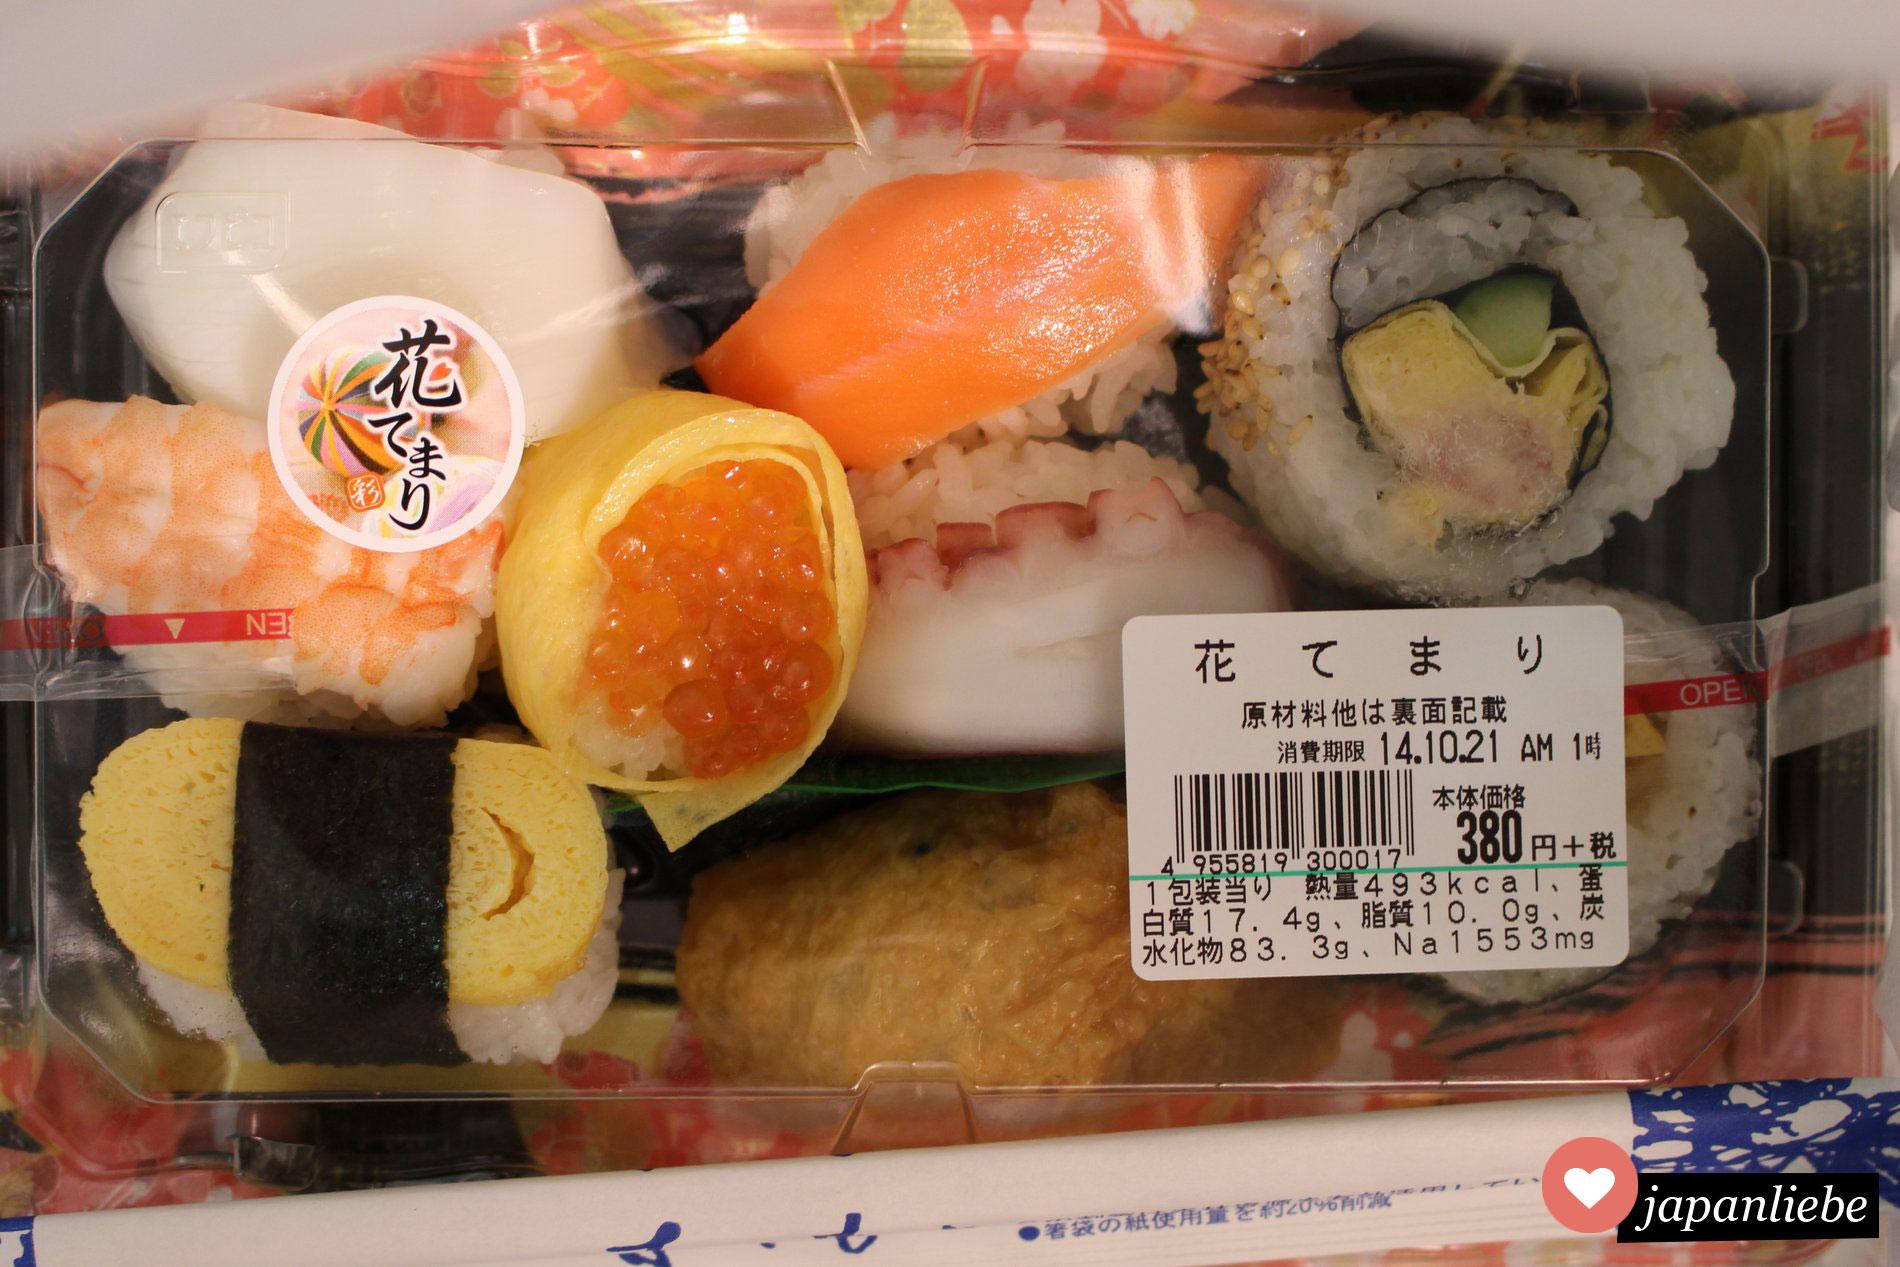 Eine bunt gemischte Sushibox aus dem japanischen Supermarkt.